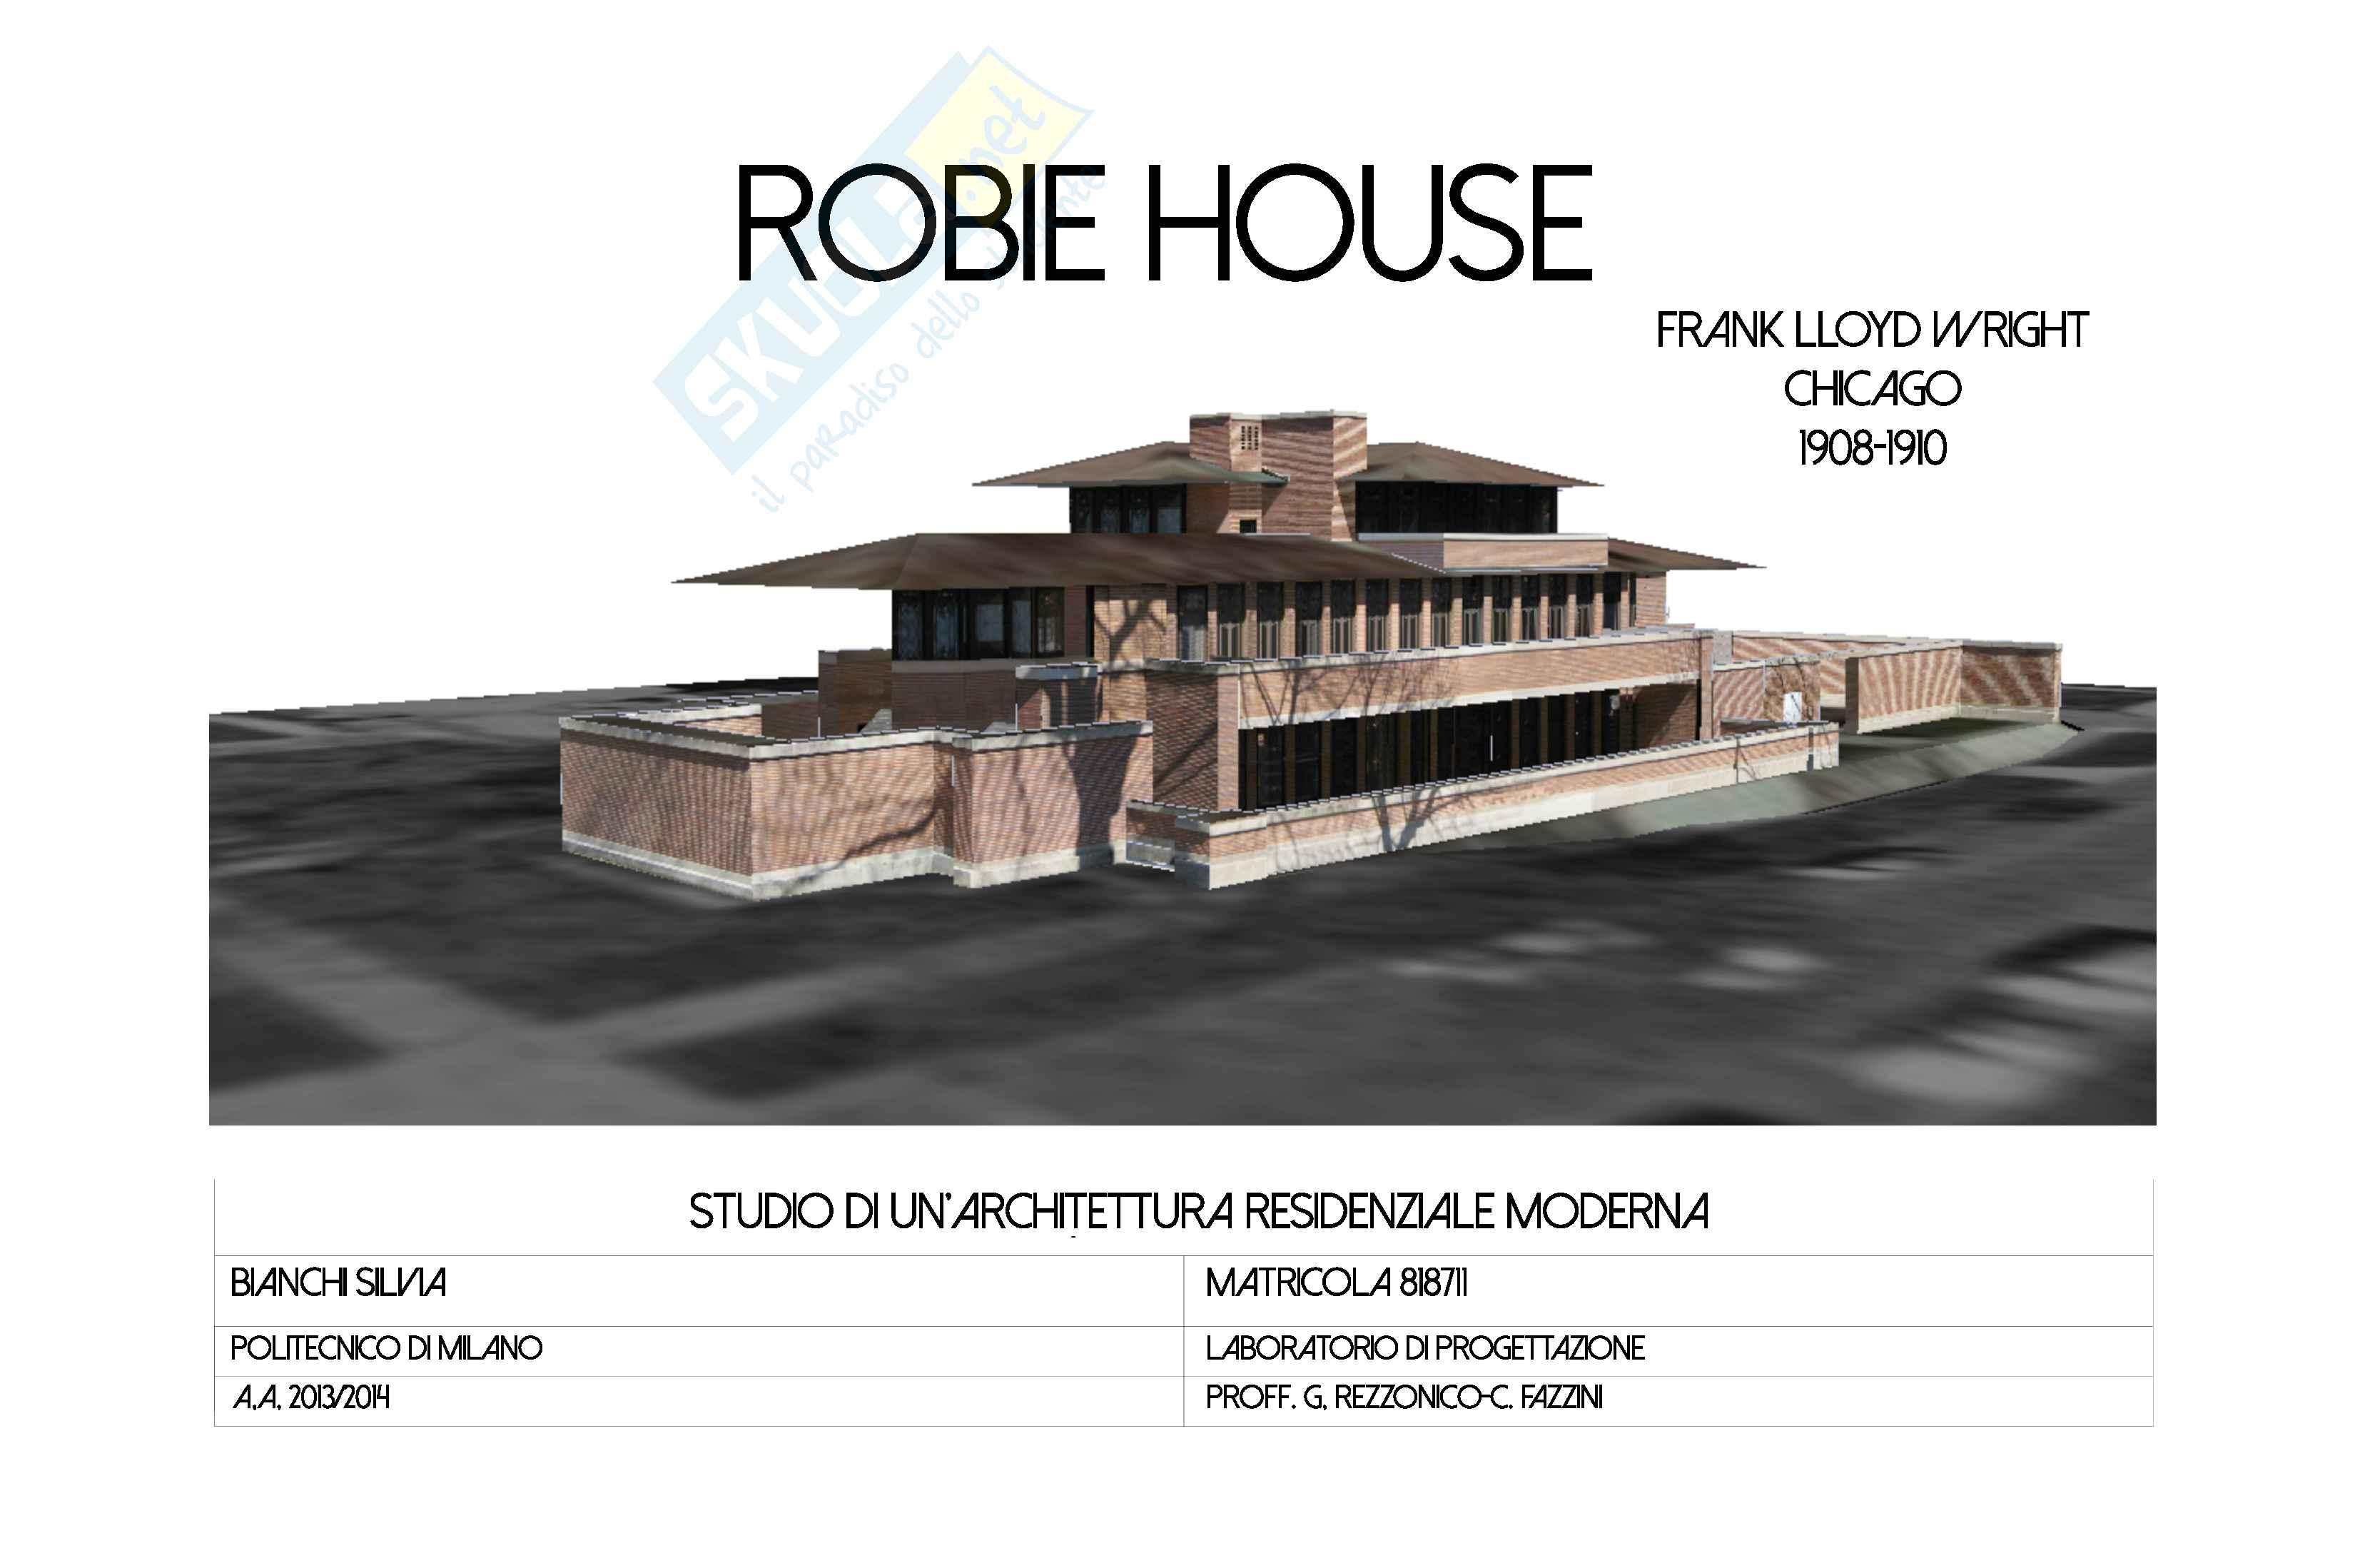 Robie House, Wright: studio di un'architettura moderna